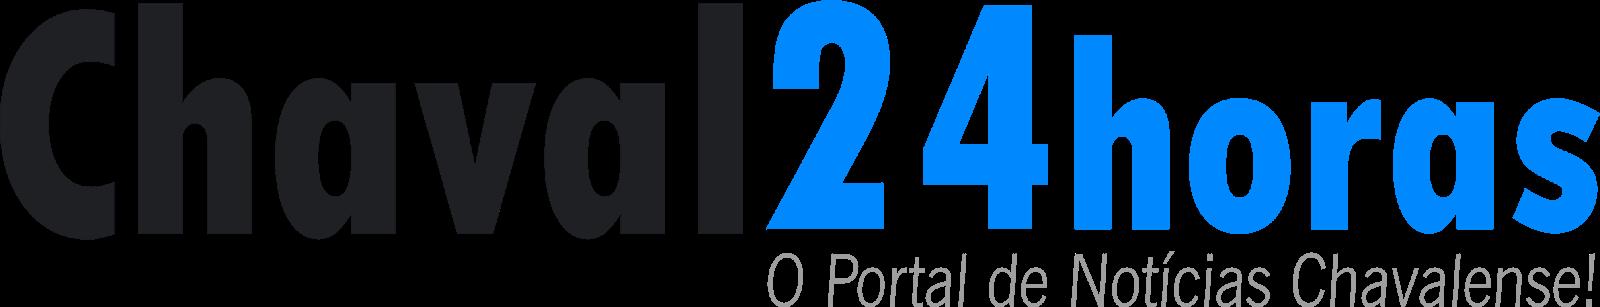 Chaval 24 horas - O portal de notícias Chavalense